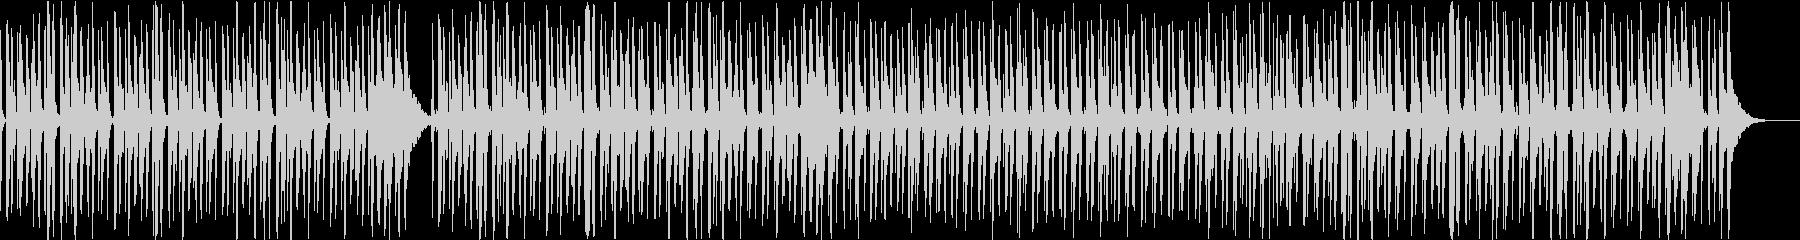 口笛のかわいい映像系の曲(ベースなし)の未再生の波形